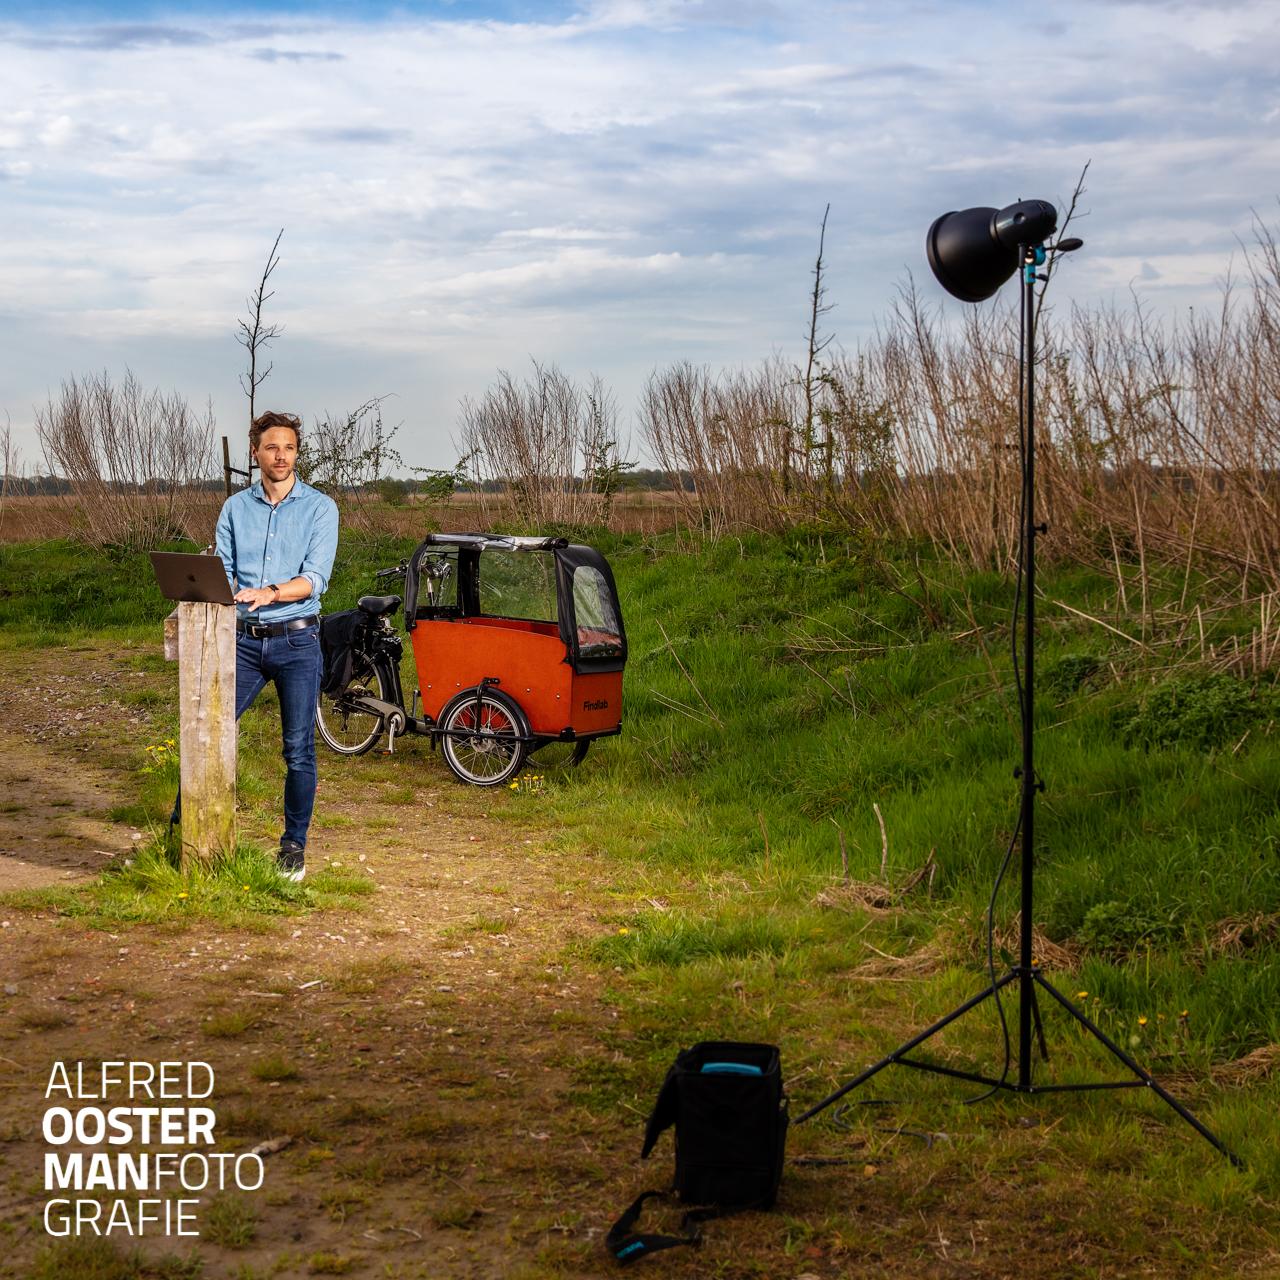 Als bedrijf wil je graag in de schijnwerpers staan, je wil graag goed gevonden worden. Findlab is een bedrijf dat daarin wat voor je kan betekenen. Hoe zorg je ervoor dat je op een positieve manier opvalt tussen alle ander online aanbieders. Roel van der Molen ziet dat als een mooi proces waarbij je voortdurend in beweging moet blijven. Maandag ben ik met Roel op pad geweest om hem in de schijnwerpers te zetten voor zijn eigen website. Op de fiets zijn we van Peize naar Groningen gereden om uiteindelijk weer in Peize uit te komen. Op verschillende locaties hebben we beeld gemaakt om te laten zien dat je overal met je bedrijf bezig kunt zijn. Dit is in de Onlanden waar Roel even zijn opdrachten controleert.